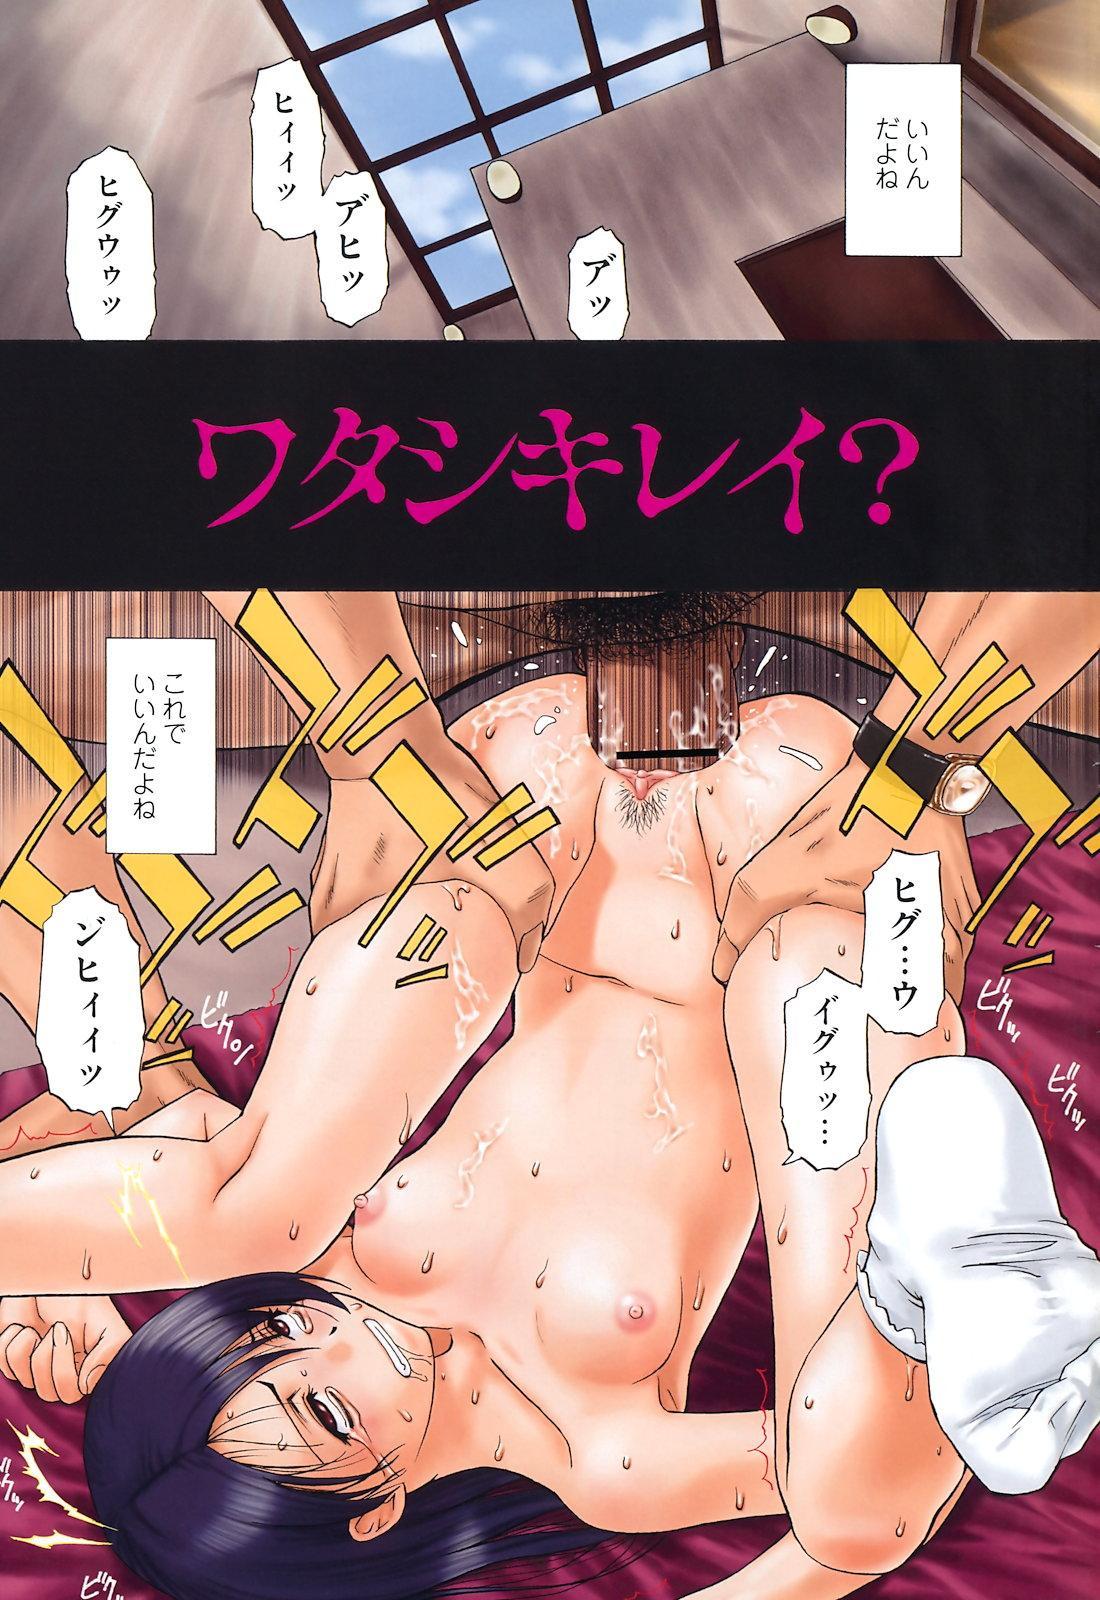 Watashi Kirei? 3